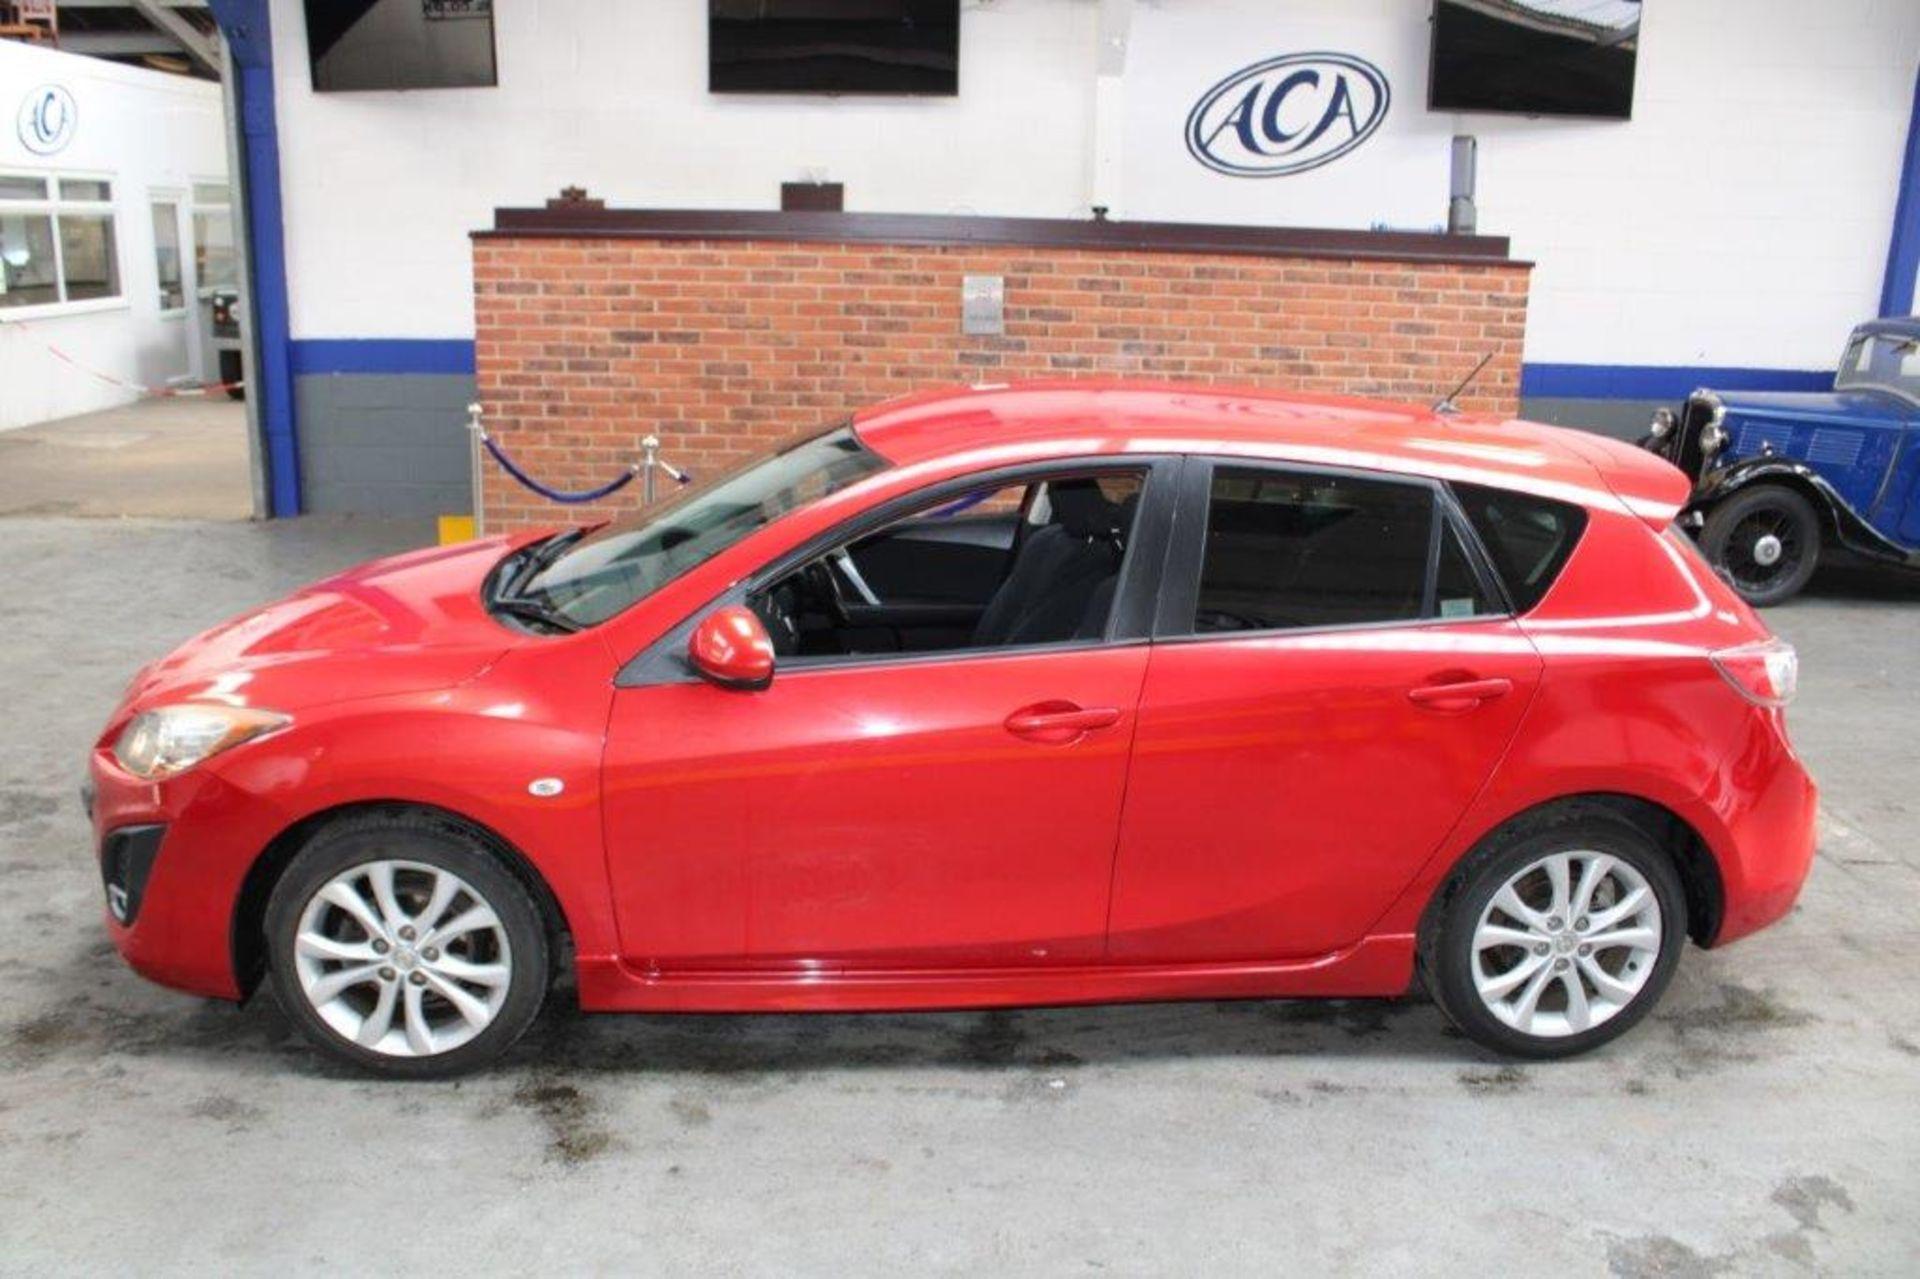 60 11 Mazda 3 Sport - Image 2 of 26